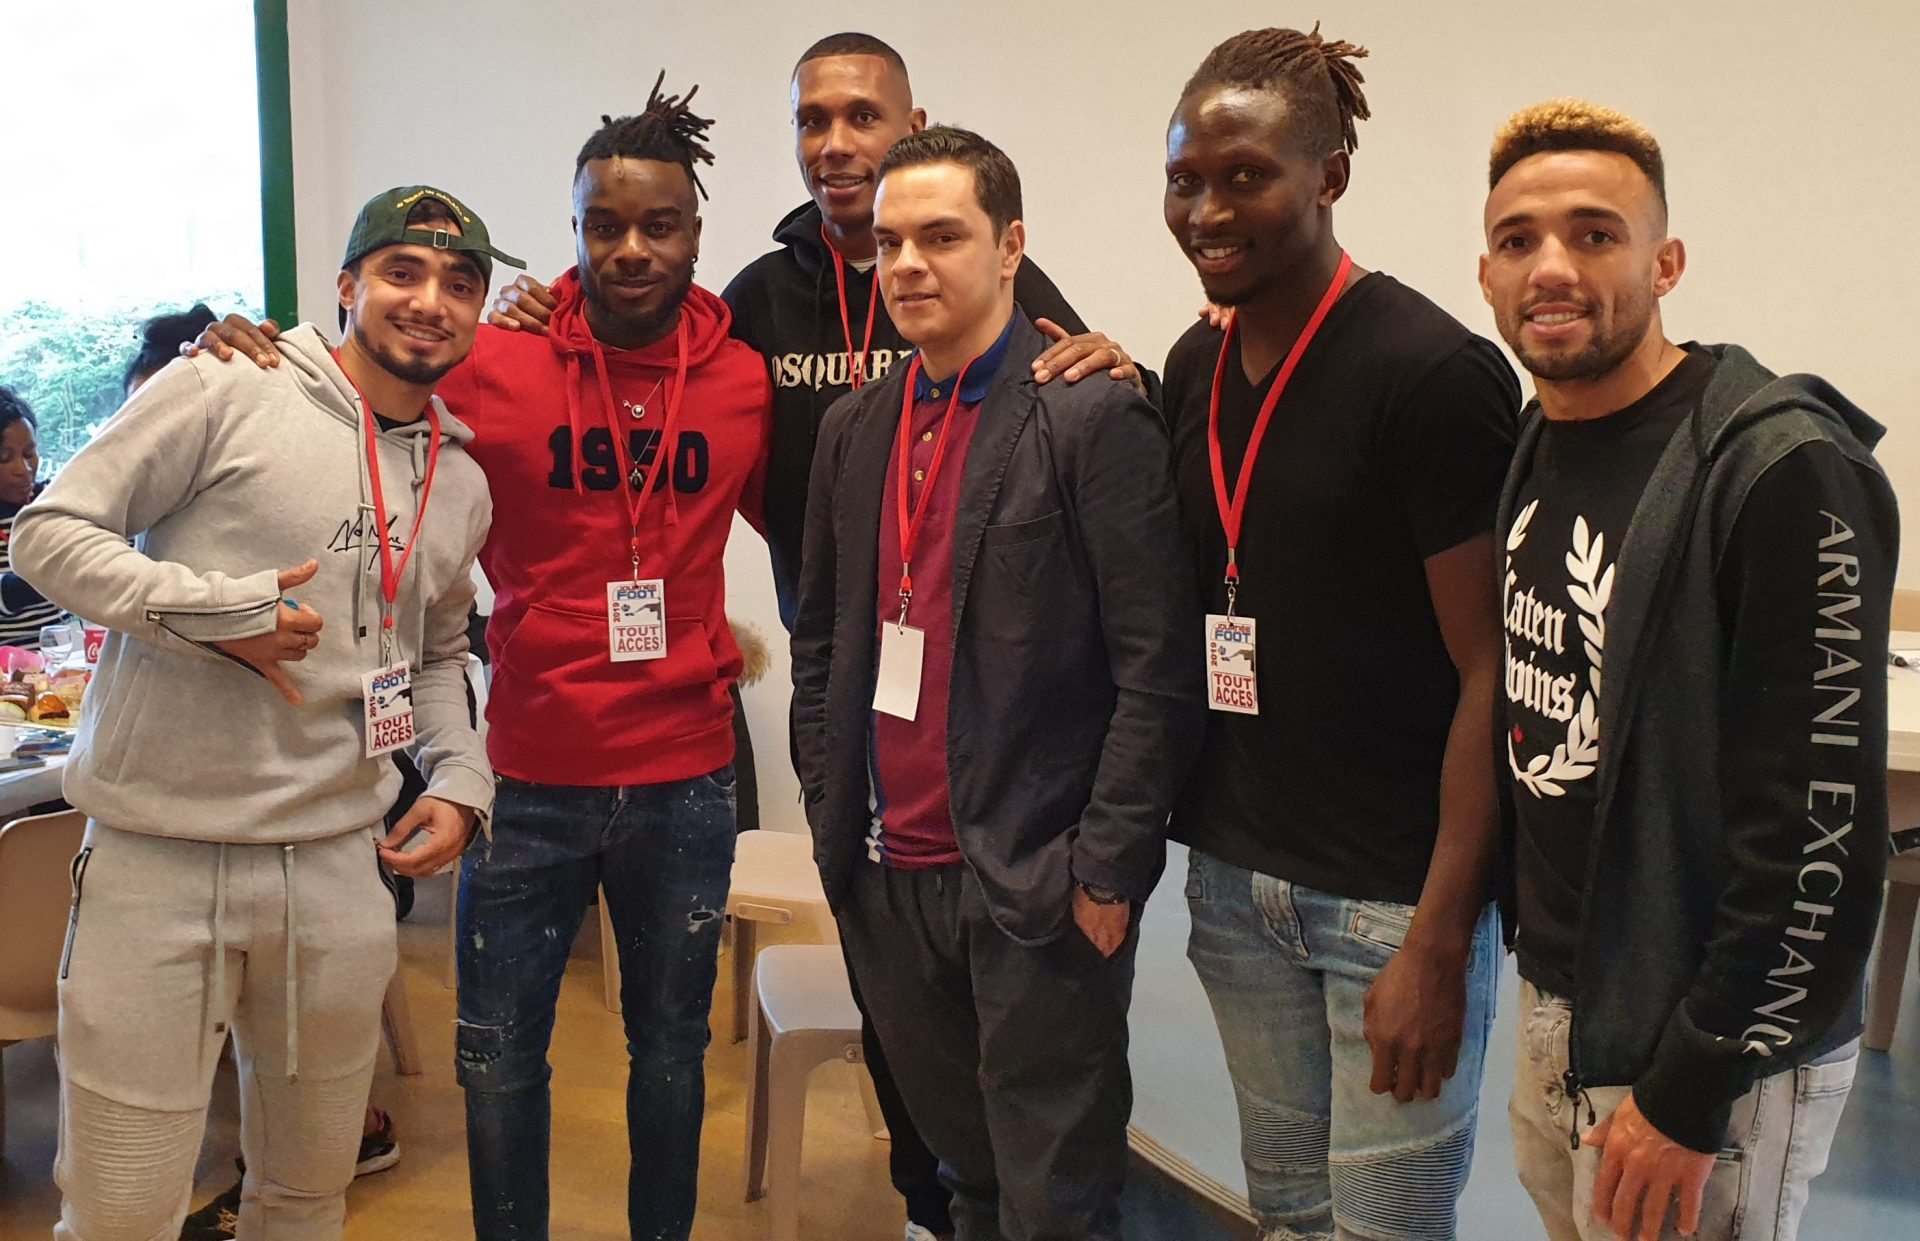 Journée Foot : Encore un grand merci à nos joueurs de l'OL d'avoir été présents